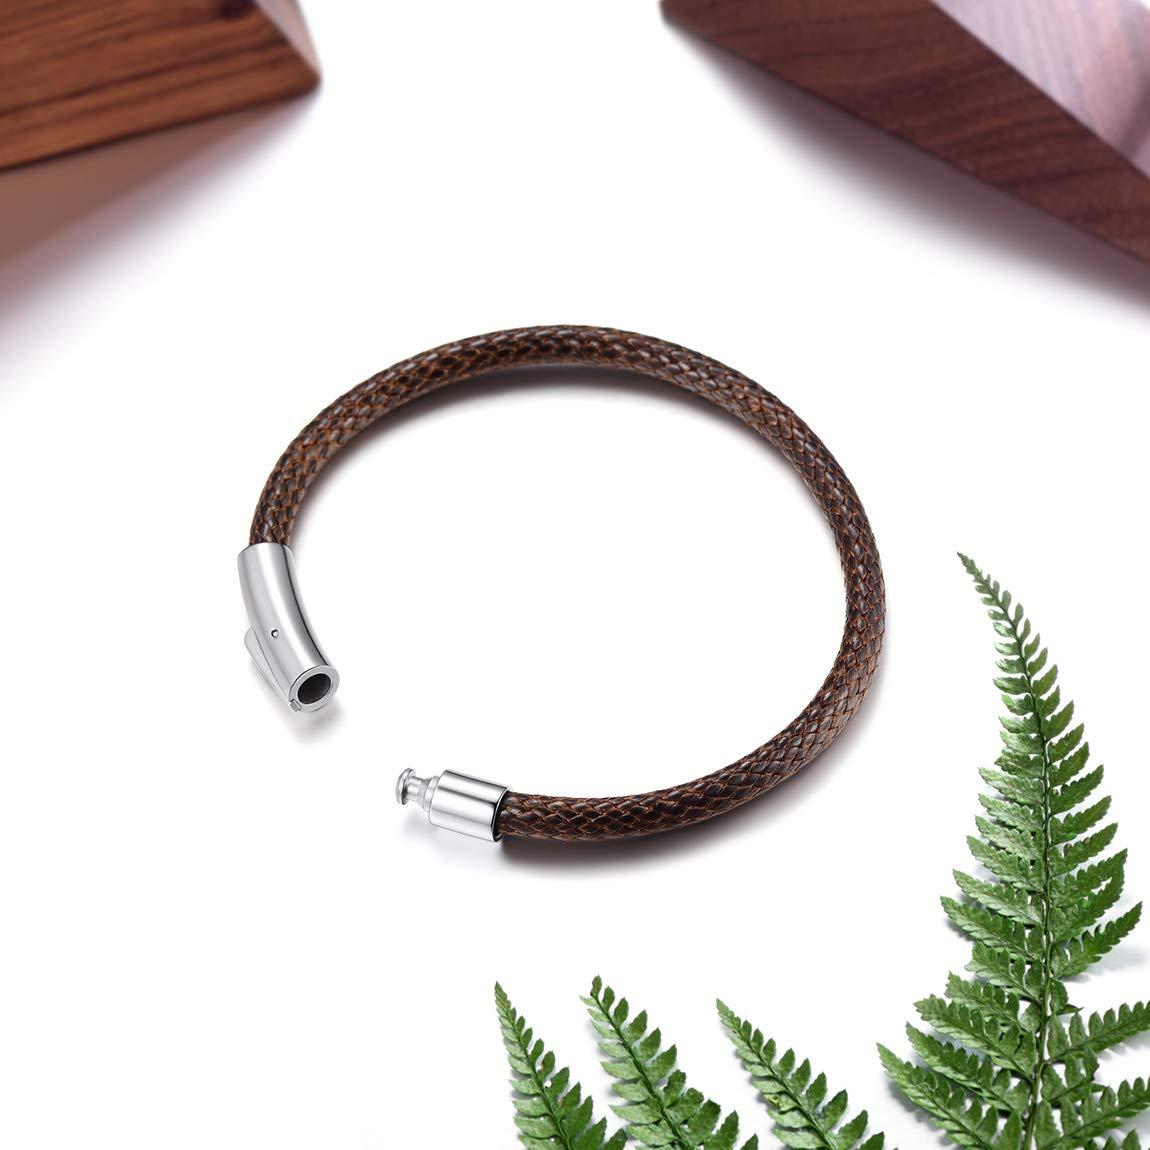 ChainsPro Bracelet de Manchette avec 5MM Corde Tress/ée Noir//Brun 18//20//22 cm en Cuir V/éritable de Haute Qualit/é Bracelet Cuir pour Homme Femme pour Hommes Femmes Motard Punk Rock Fantaisie Bijoux